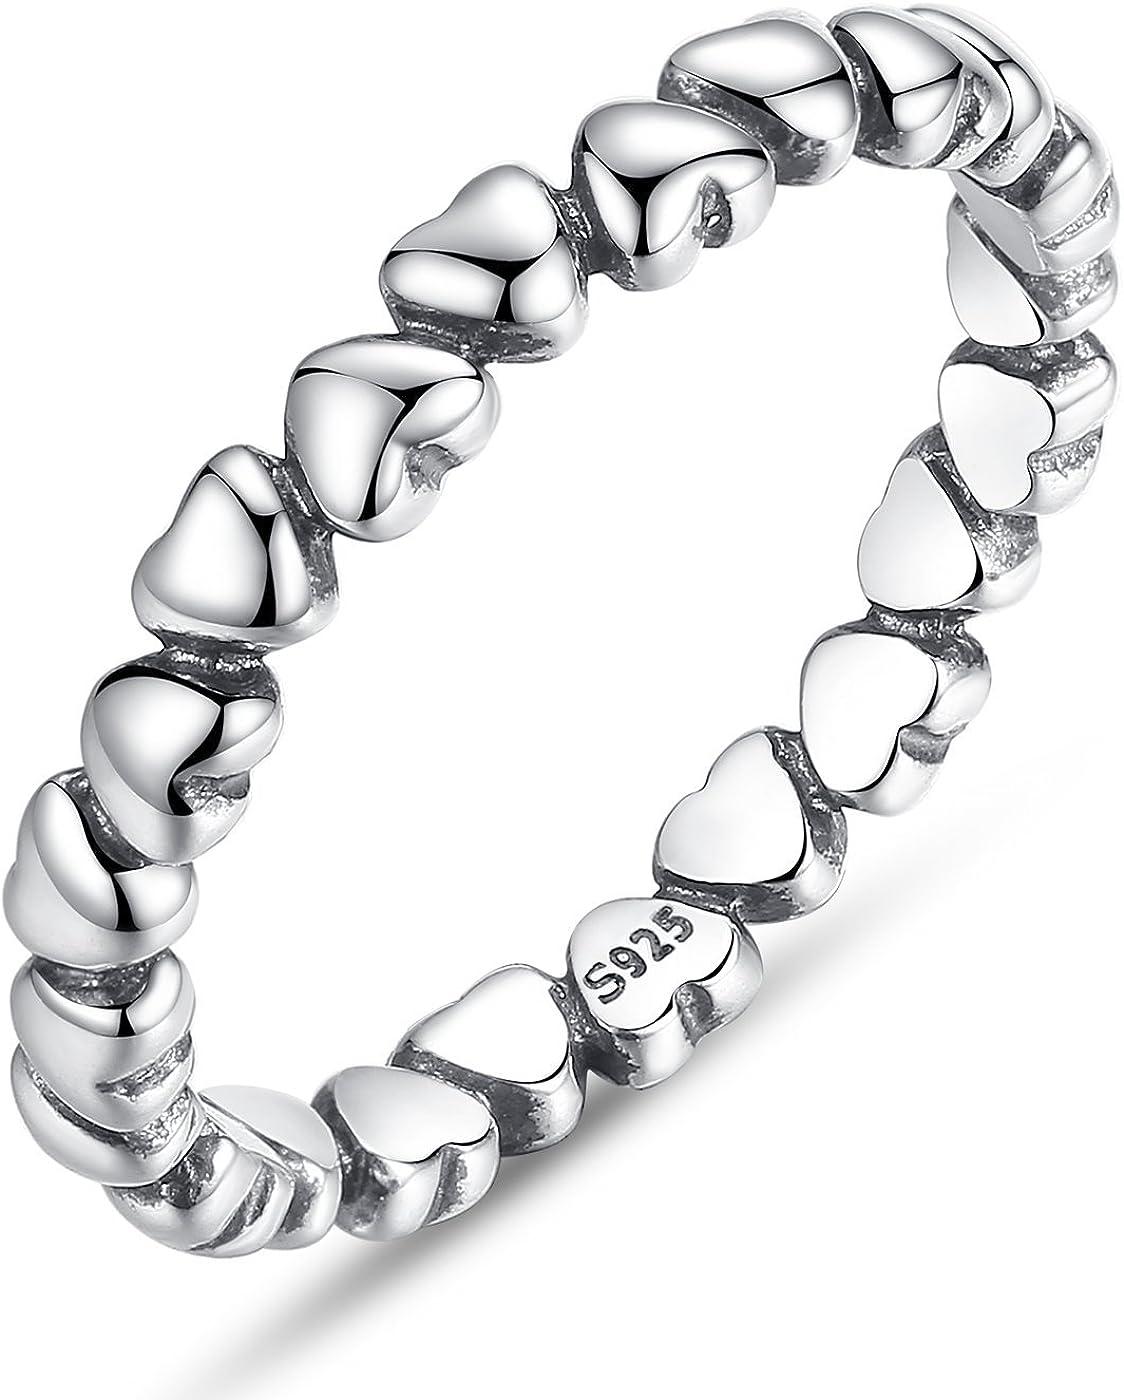 BAMOER Endless Love Heart Stacking Ring for Women 925 Sterling...